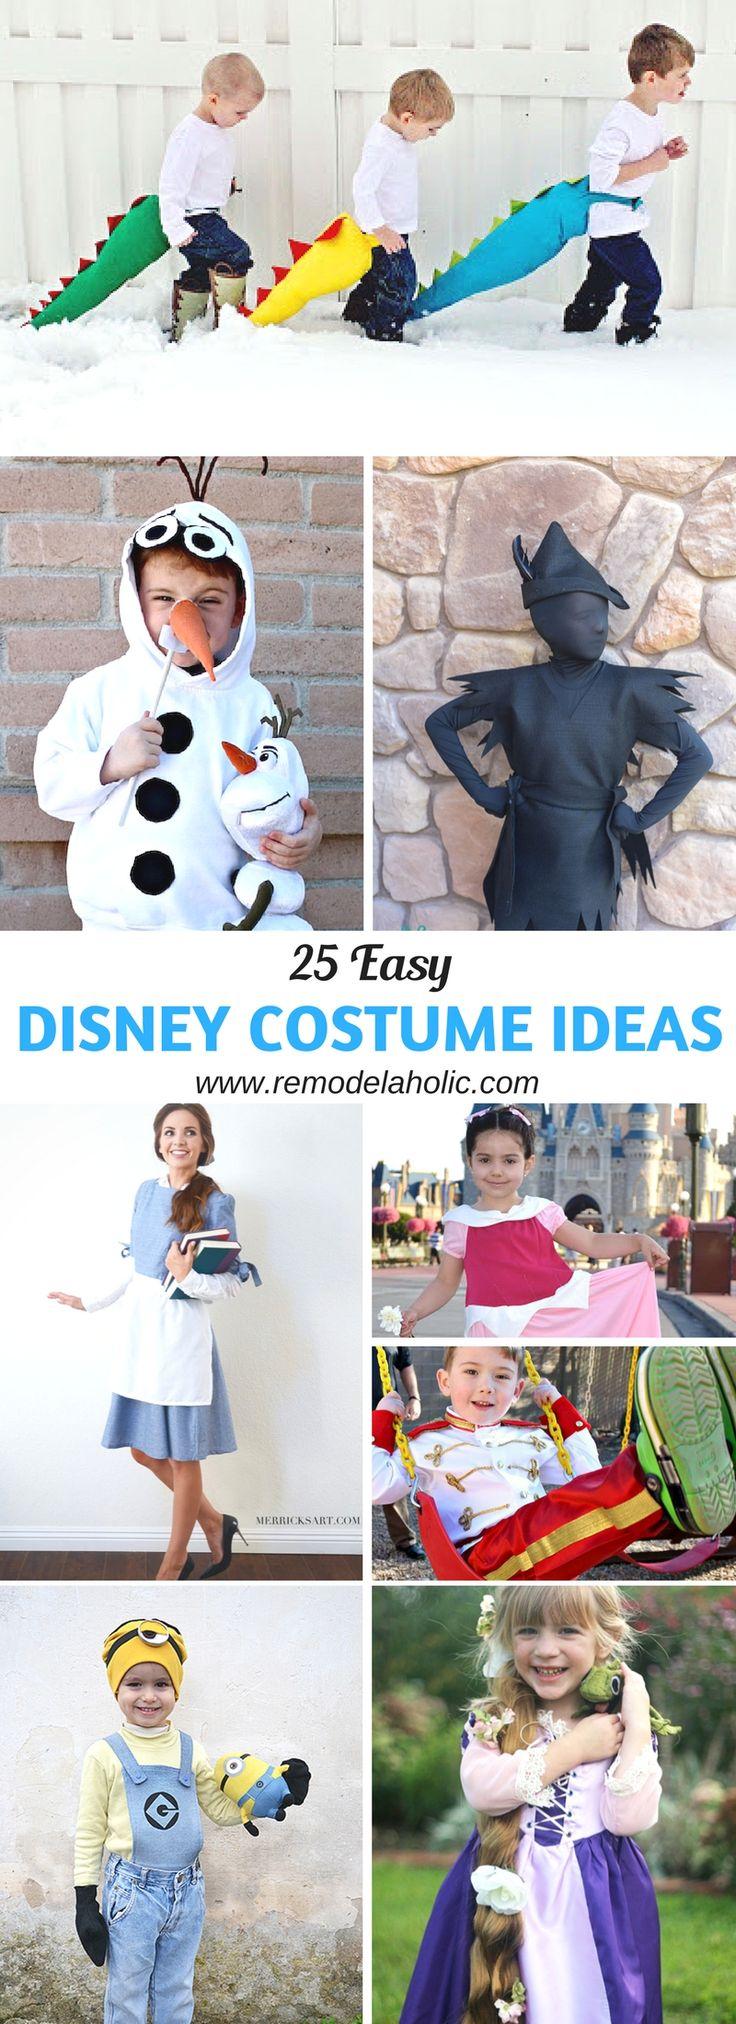 25 easy disney costume ideas